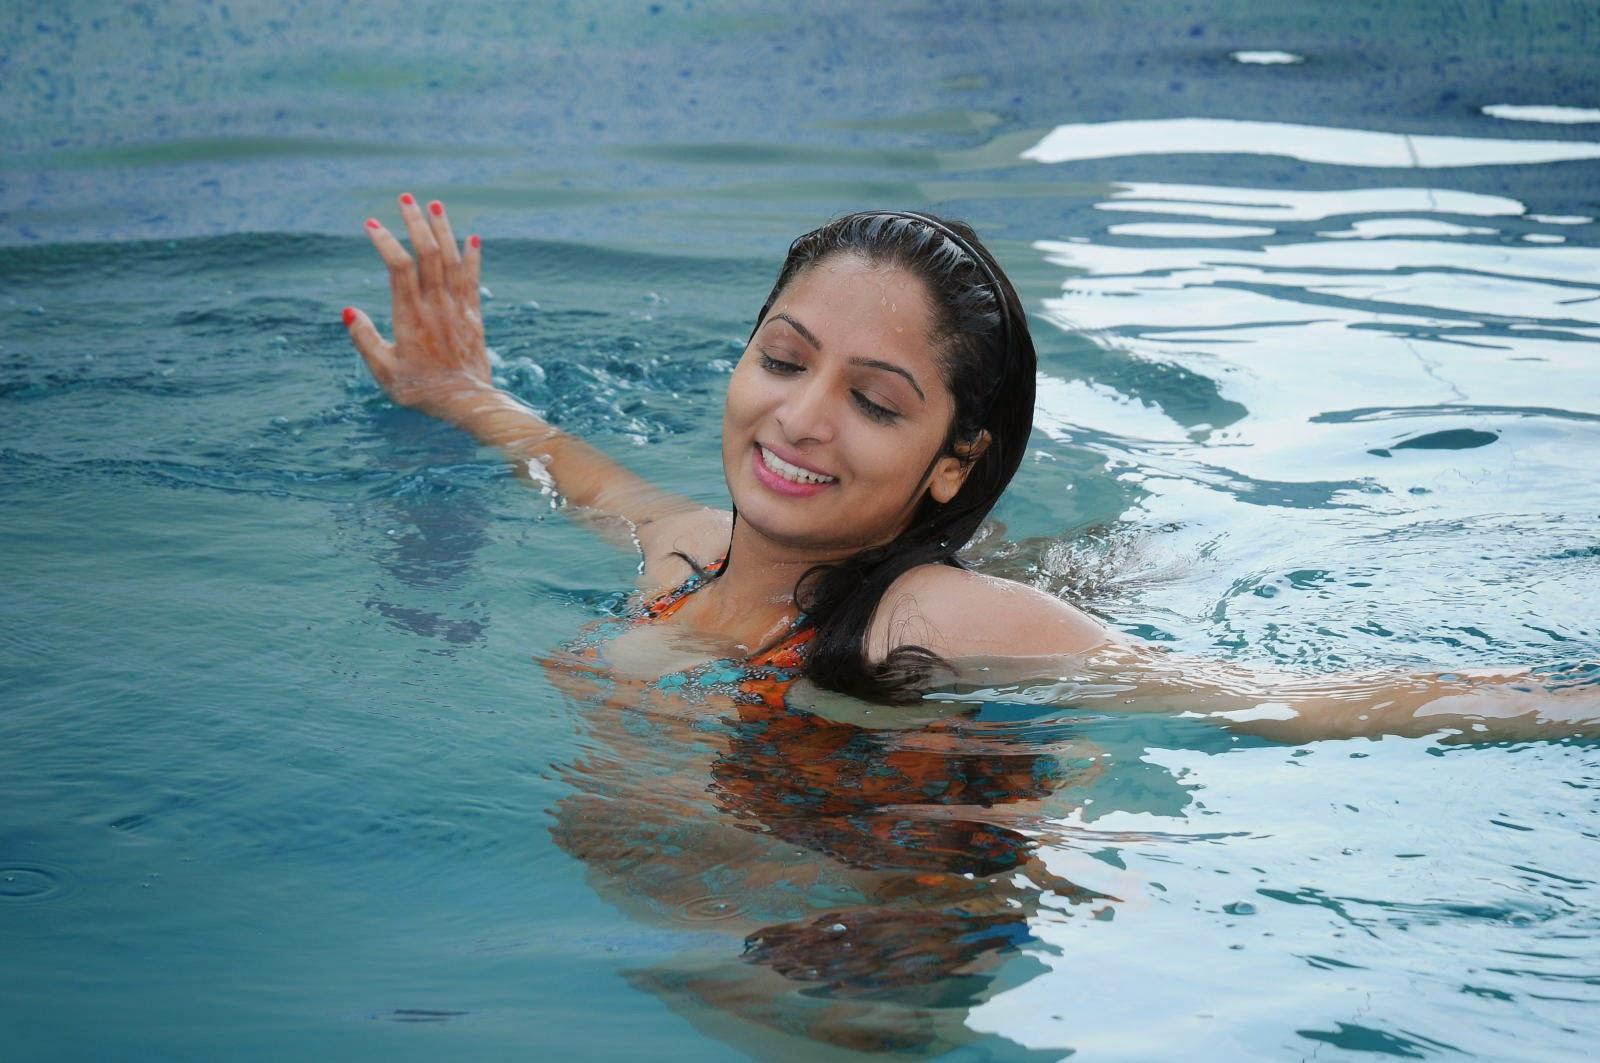 Priya Vashishta Stills From Swimming Pool Telugu Movie Indian Girls Villa Celebs Beauty